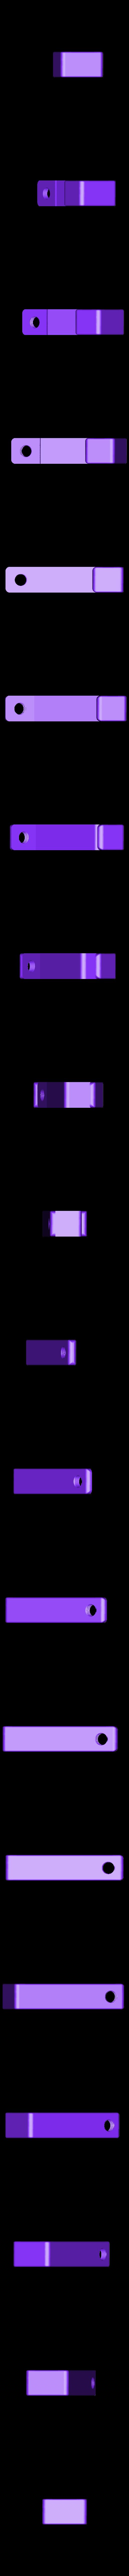 HOOK.stl Télécharger fichier STL gratuit Support modulaire à suspendre • Plan à imprimer en 3D, OrnjCreate